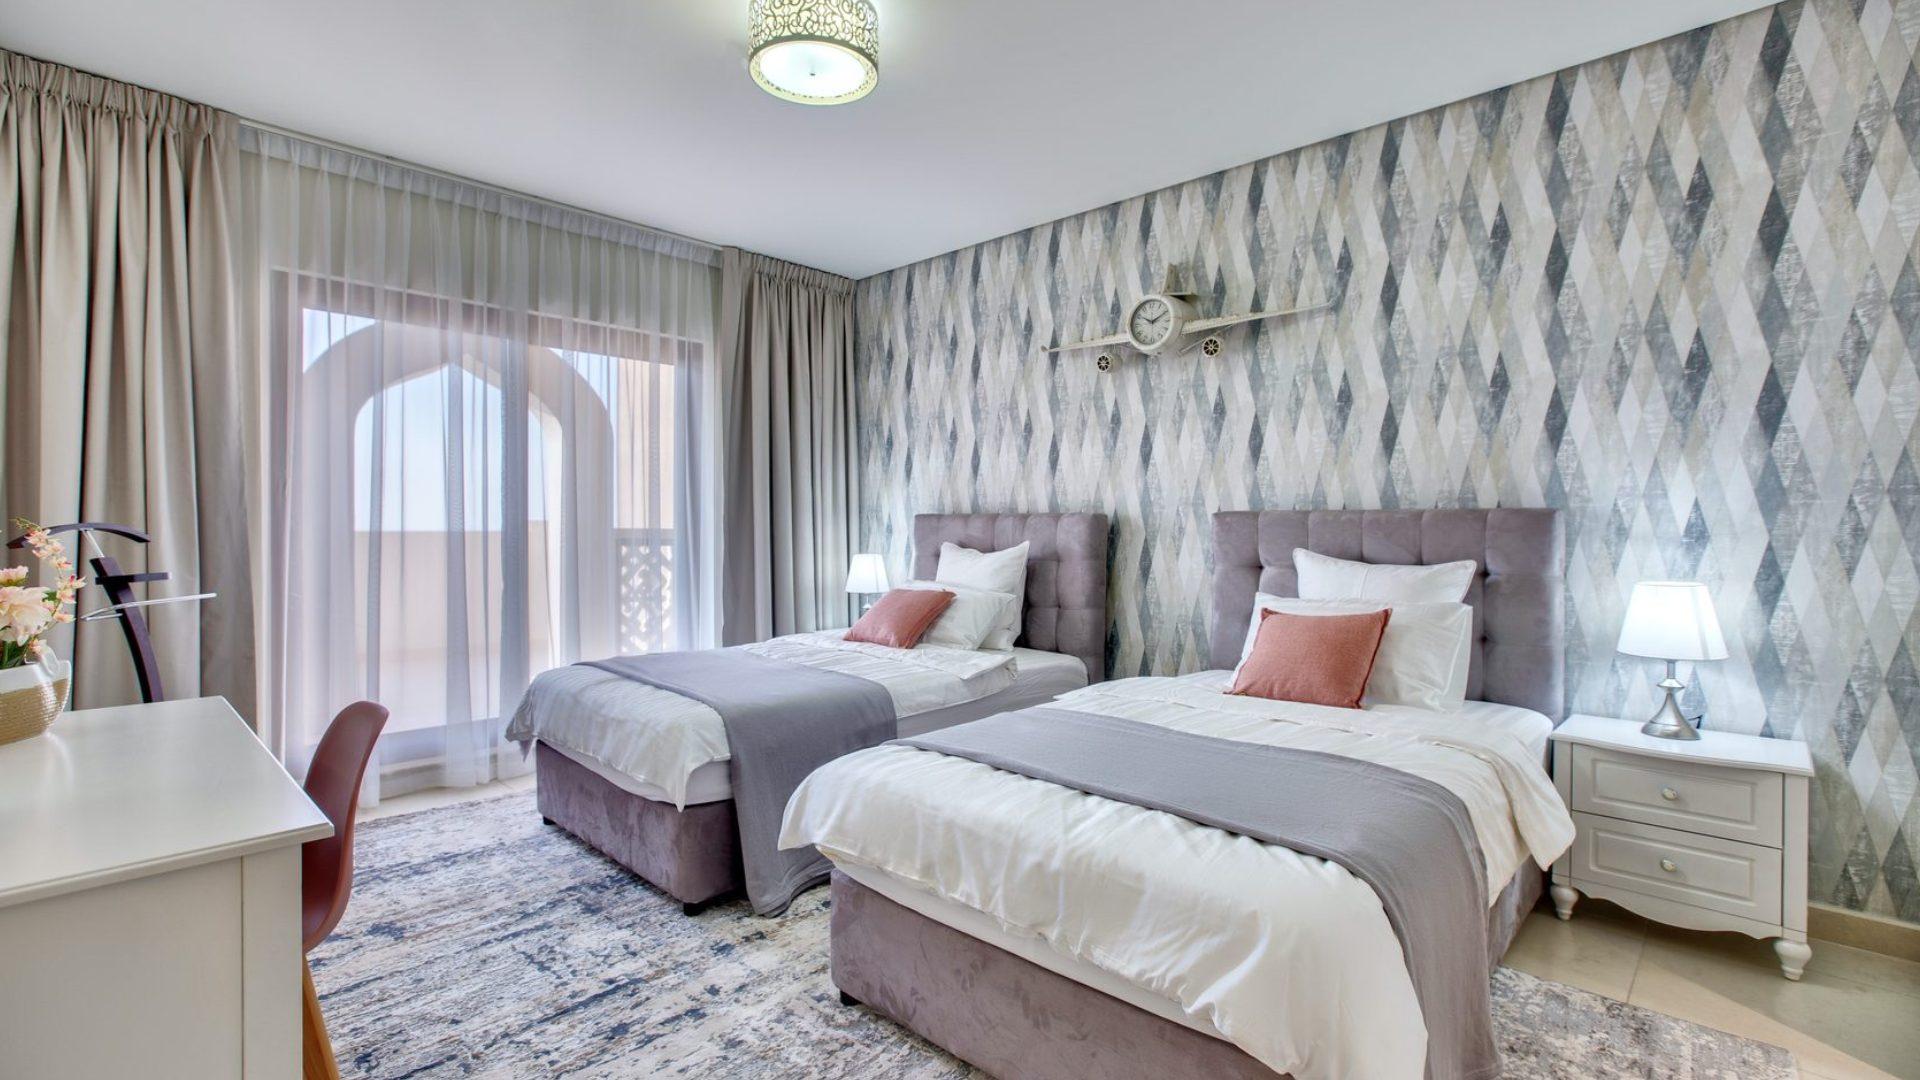 Adosado en venta en Dubai, EAU, 4 dormitorios, 770 m2, № 24471 – foto 1